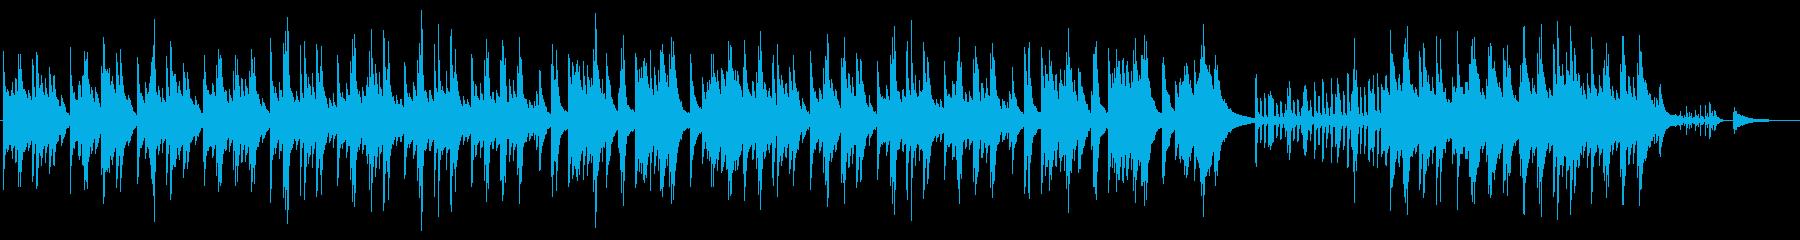 晩秋をイメージした切ないピアノ曲の再生済みの波形